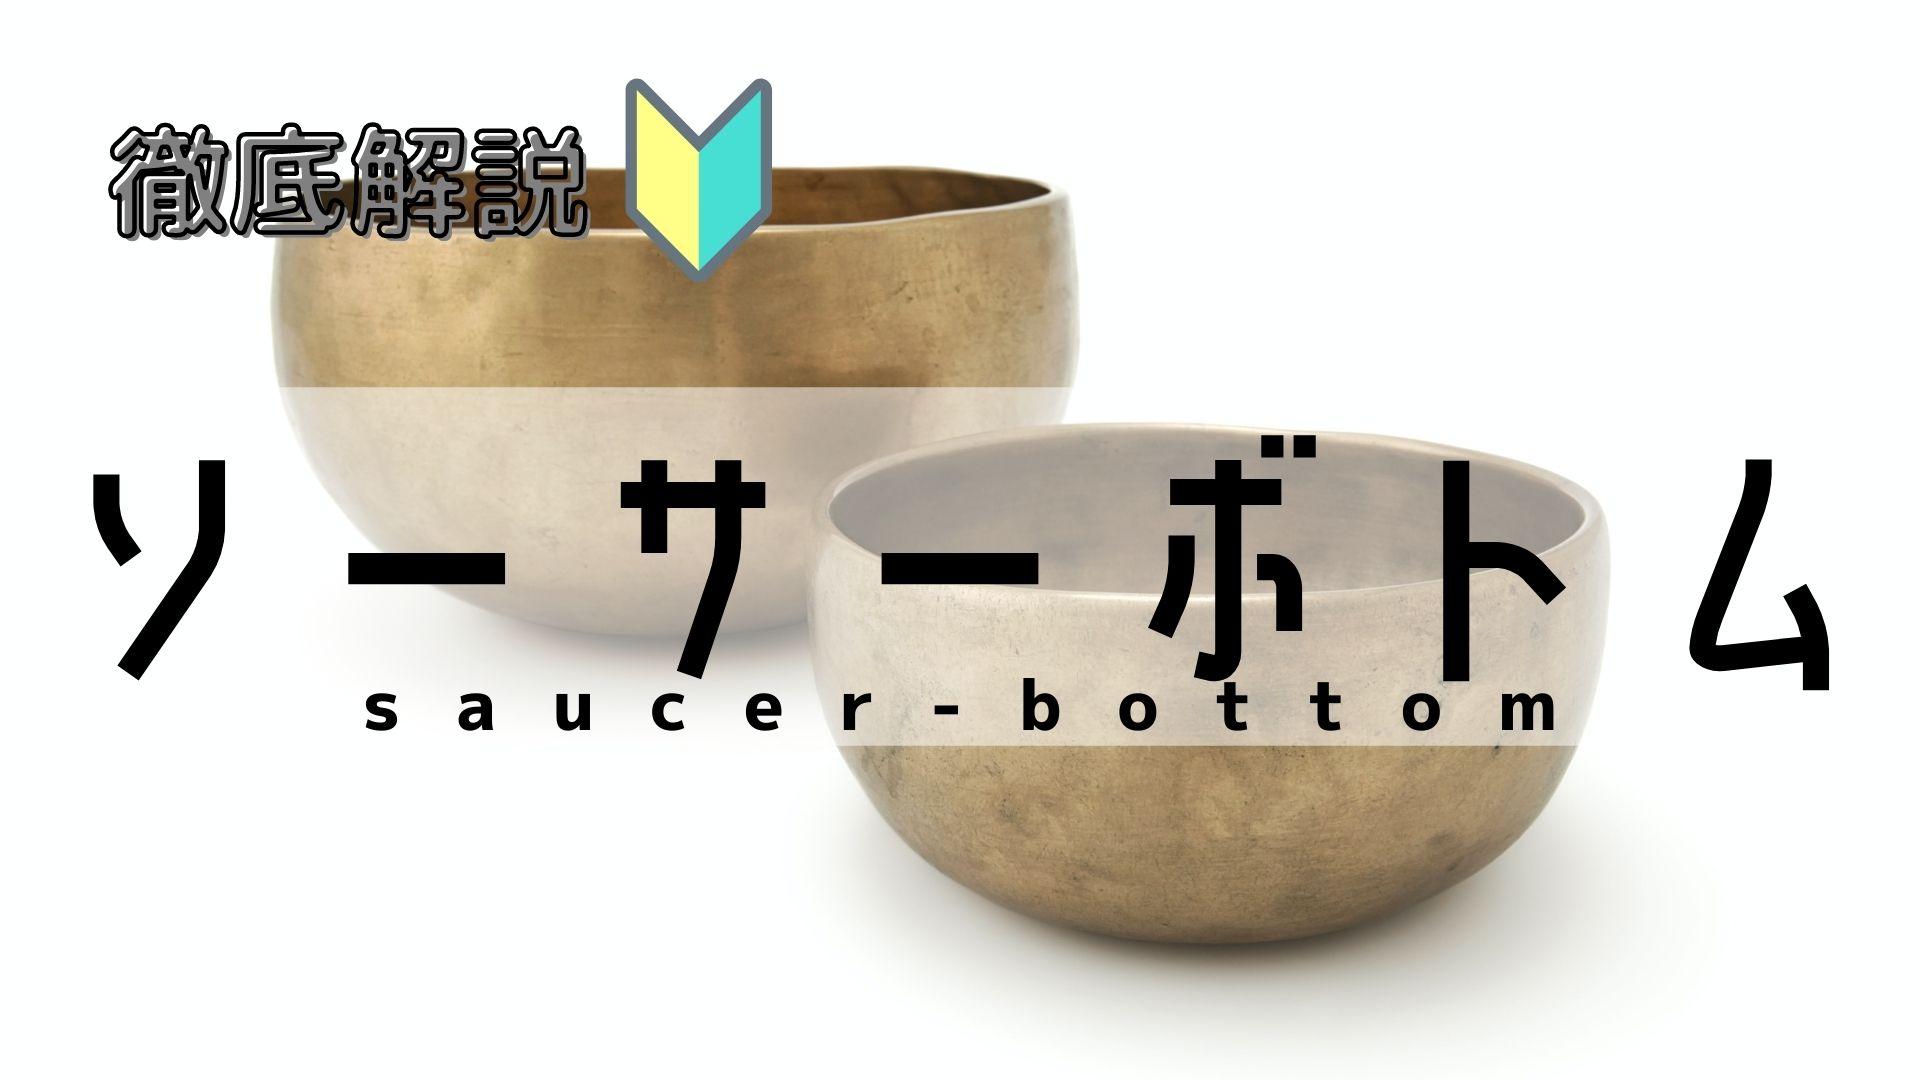 fx-saucer-bottom-title